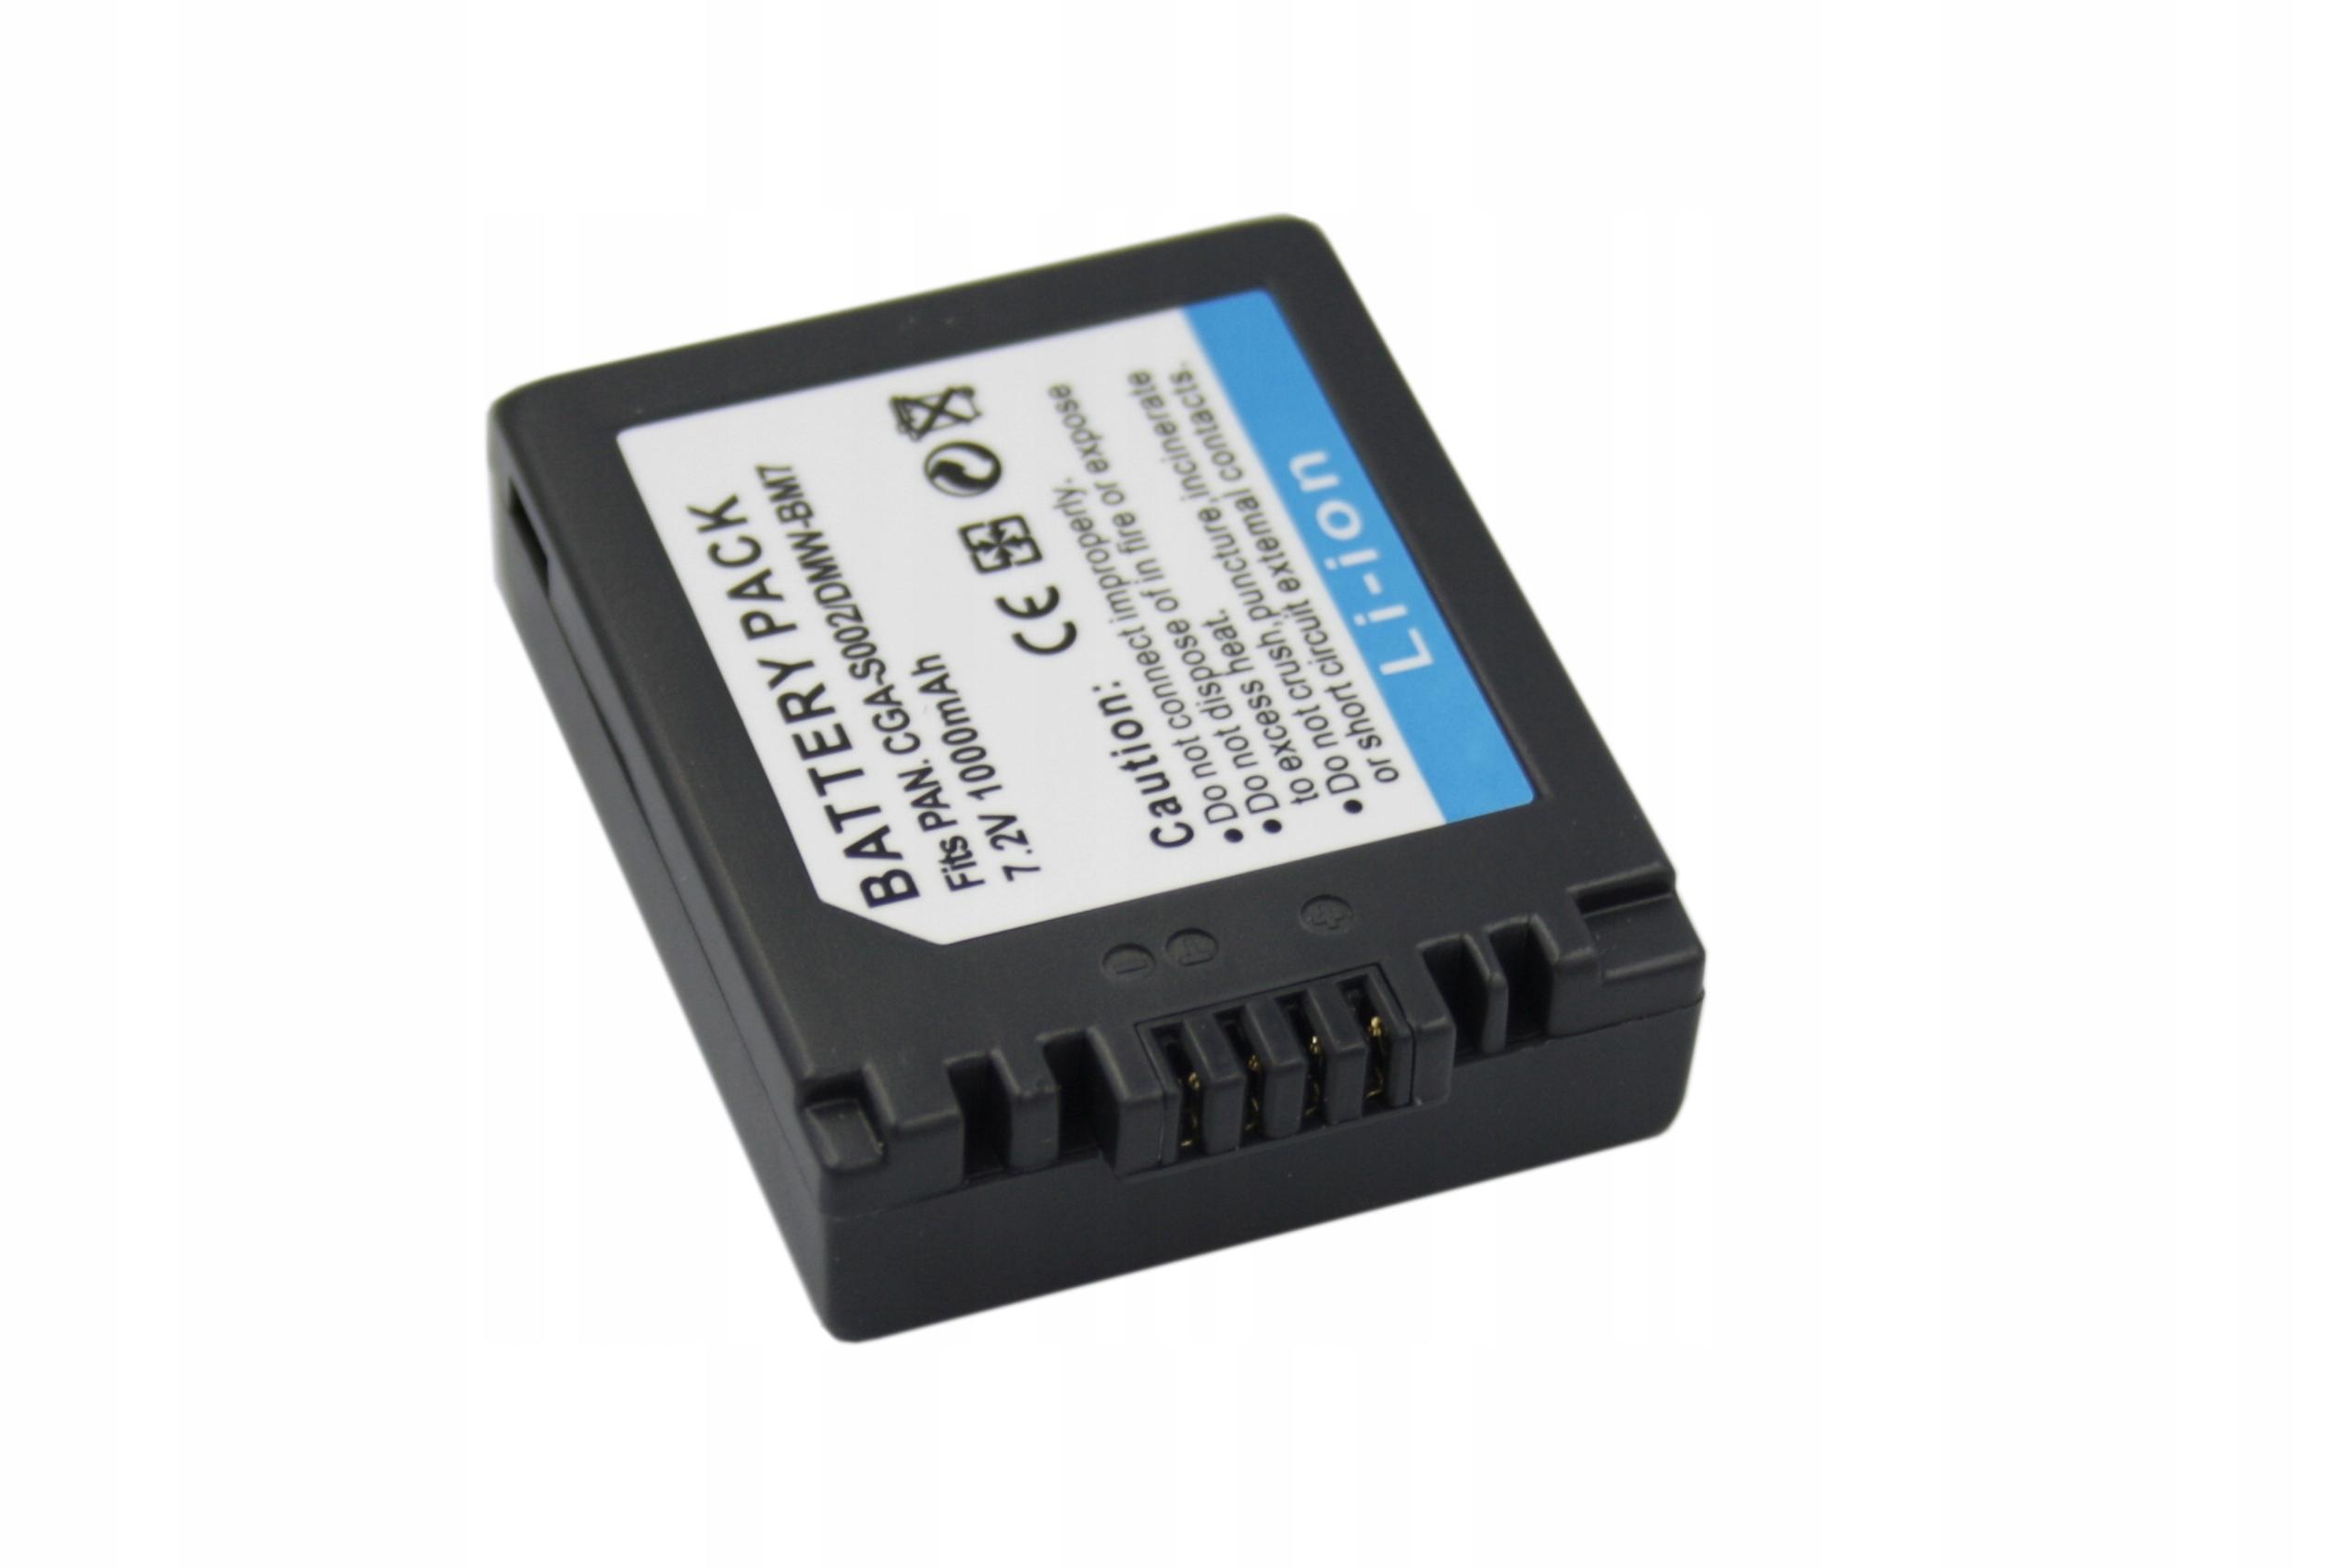 BATERIA AKUMULATOR PANASONIC LUMIX DMC-FZ2 DMC-FZ3 DMC-FZ20 - Baterie do aparatów cyfrowych